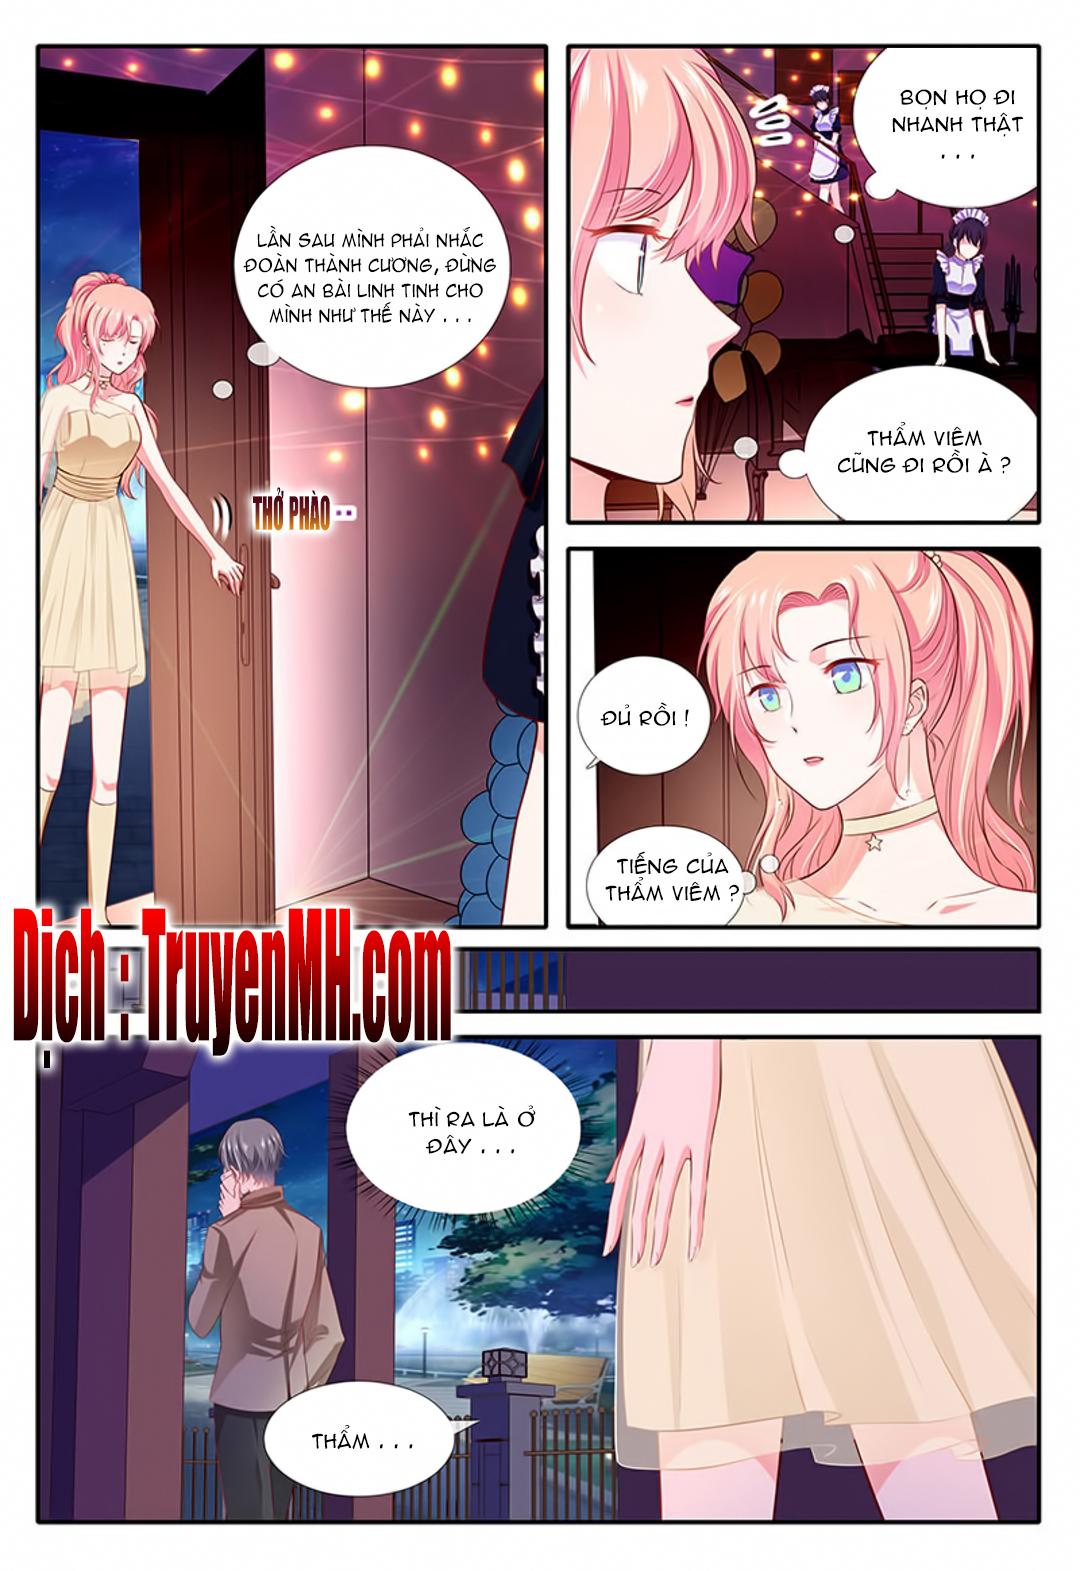 Thái Tử Phi Ở Hiện Đại chap 39 - Trang 7